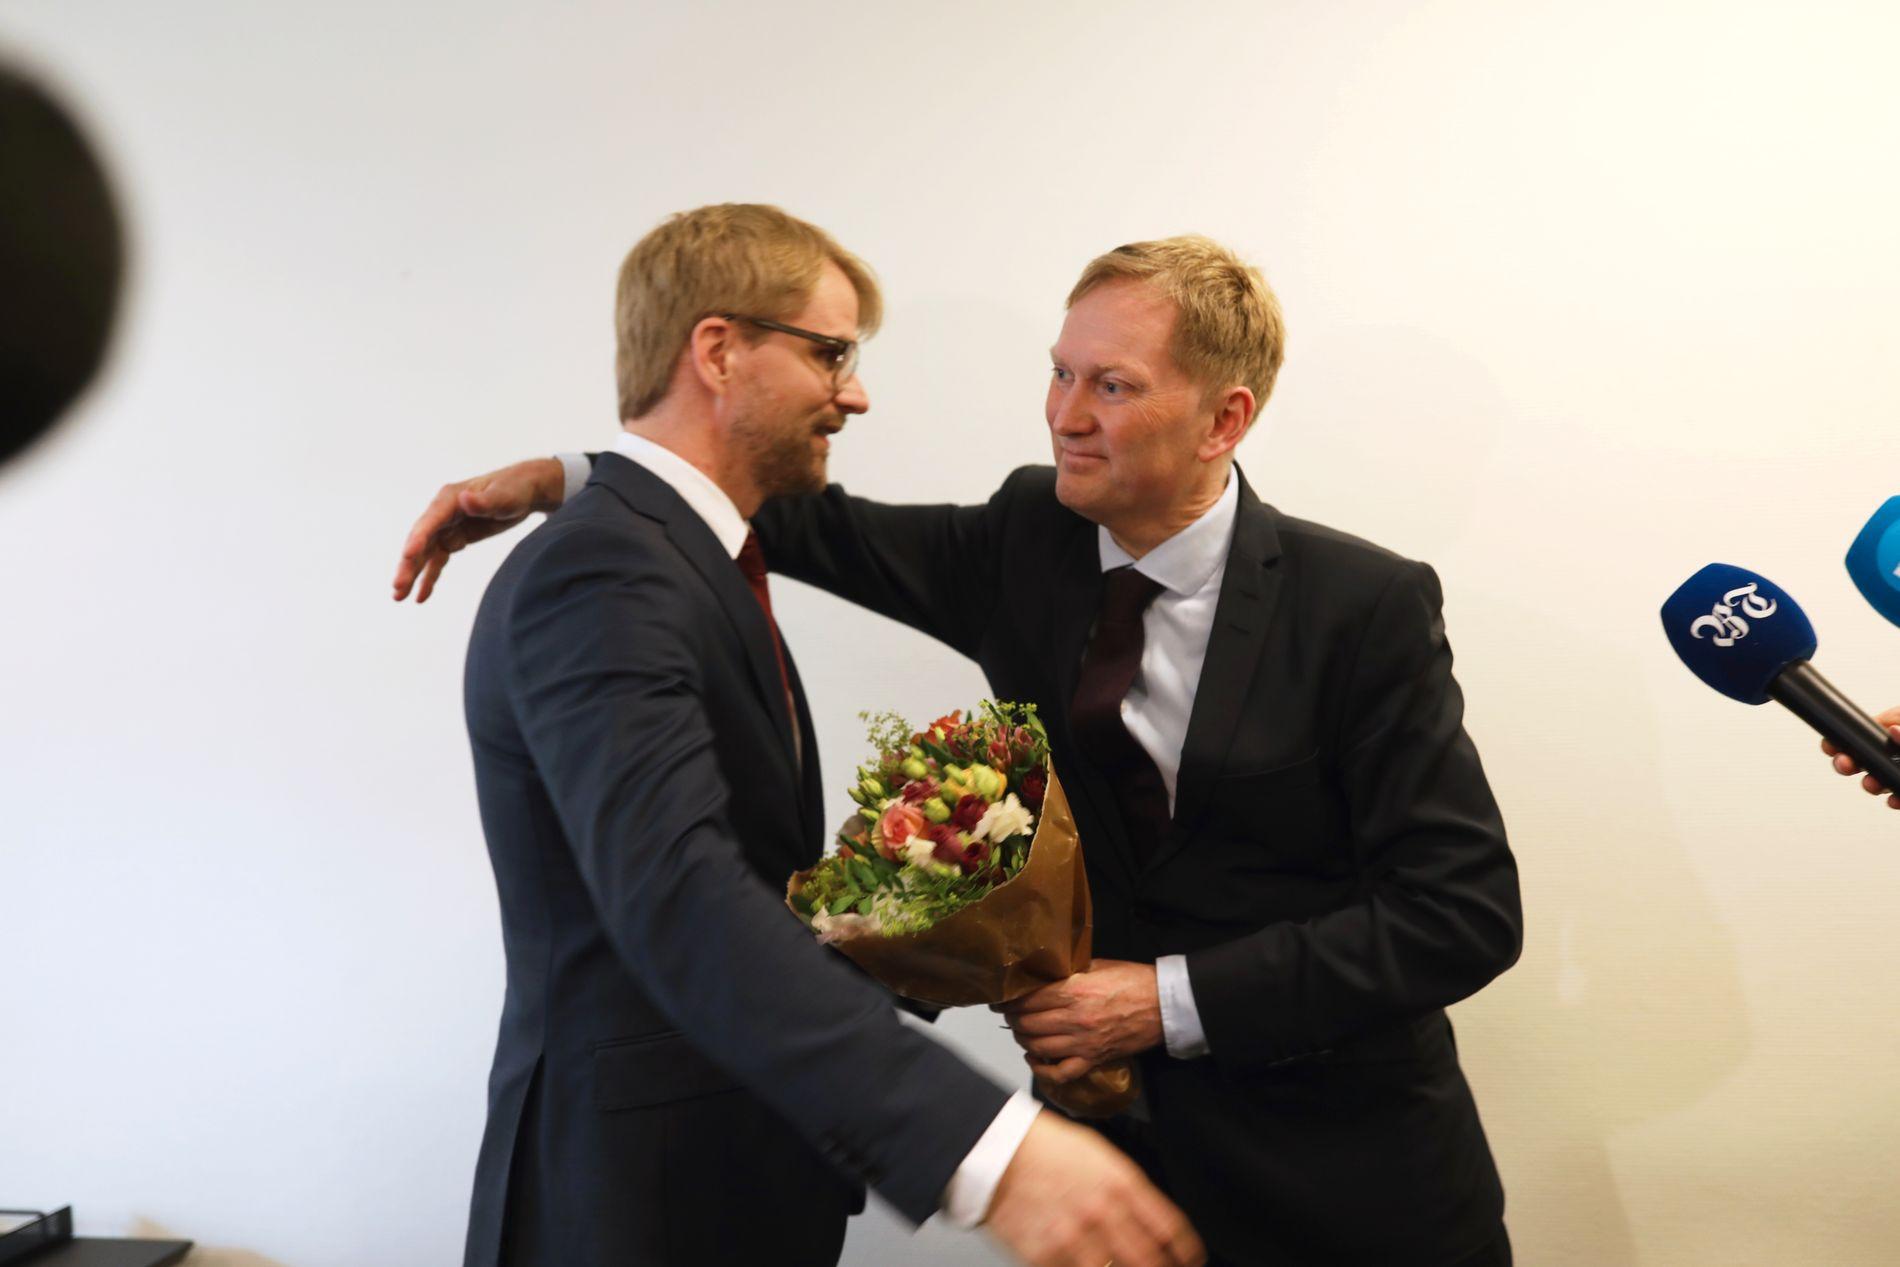 NY BYRÅDSLEDER: Roger Valhammer er nå byrådsleder i Bergen. I beste fall kan et nytt fjes få byrådet til å fremstå som noe nytt og spennende, selv om politikken er den samme.